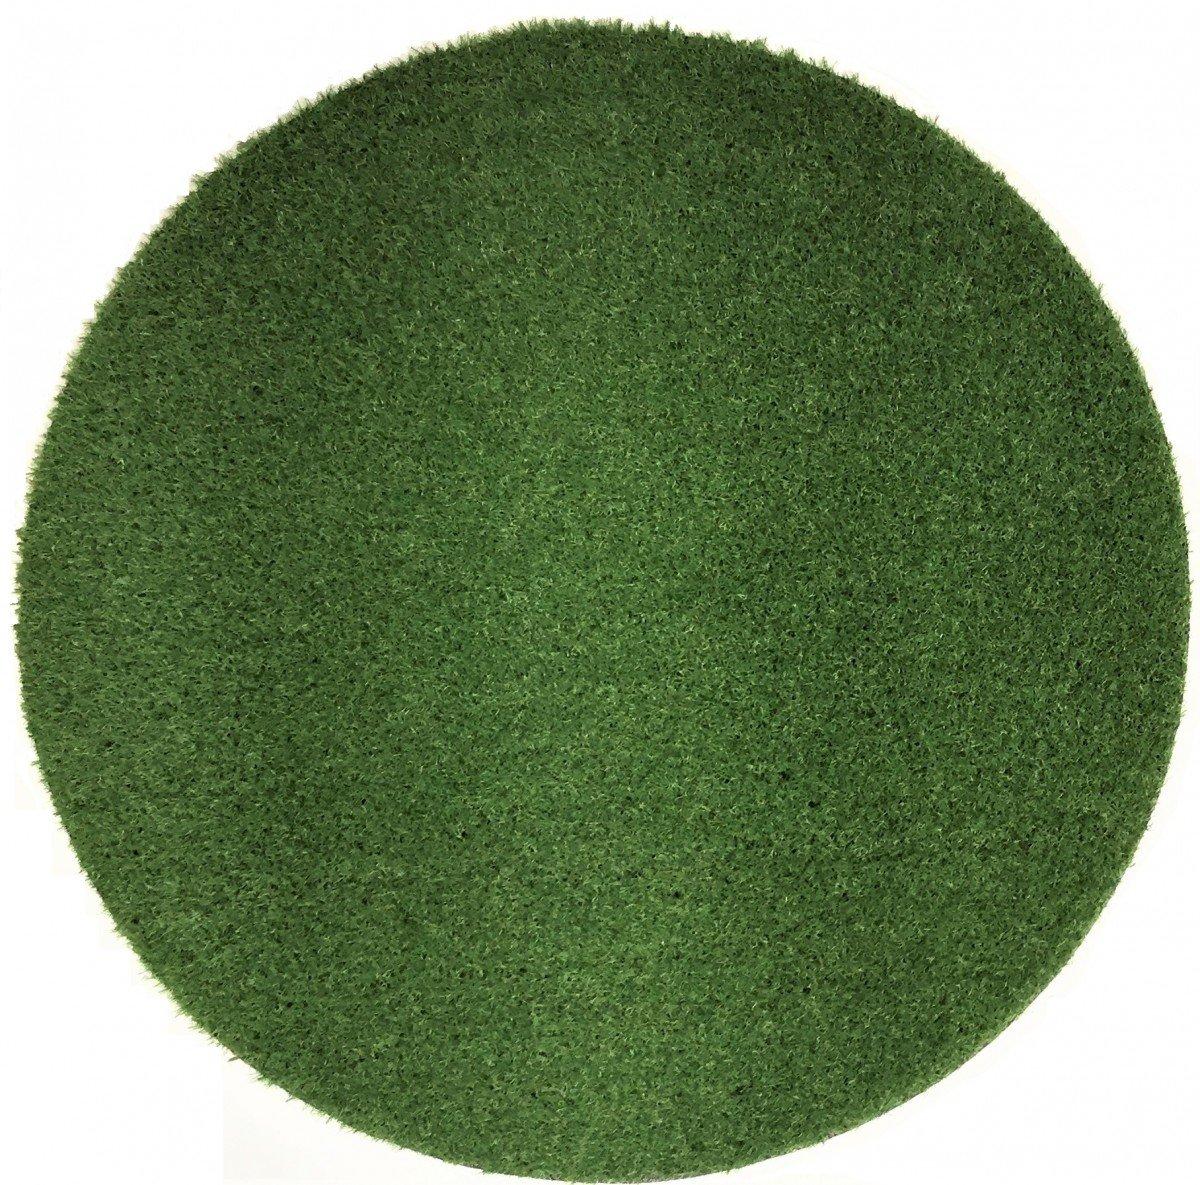 Premium Kunstrasen Madeira 32 mm (2.250 g m²) rund   Rasenteppich in Echtrasenoptik   strapazierfähig, wasserdurchlässig   perfekt für Garten, Balkon, Terrasse, Camping, Farbe Grün, Größe 200